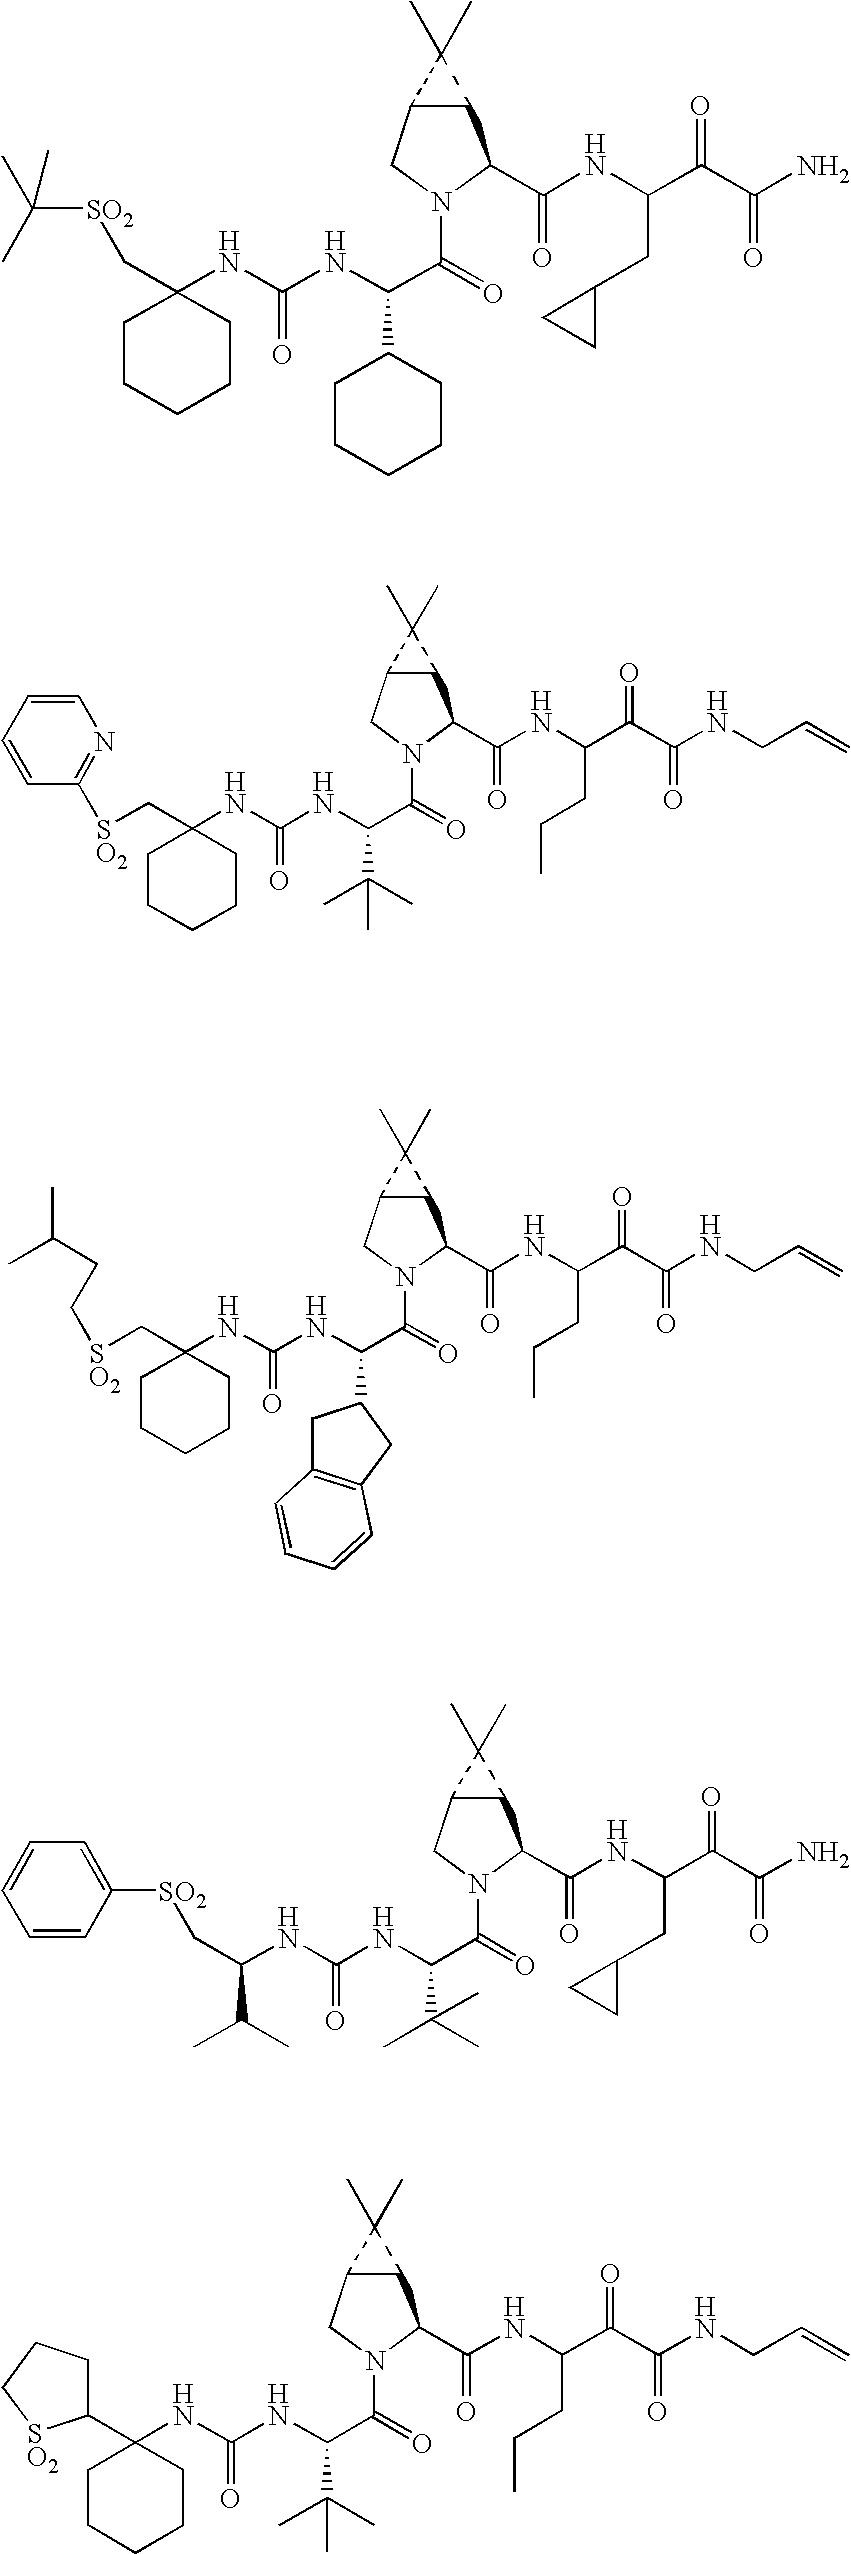 Figure US20060287248A1-20061221-C00462